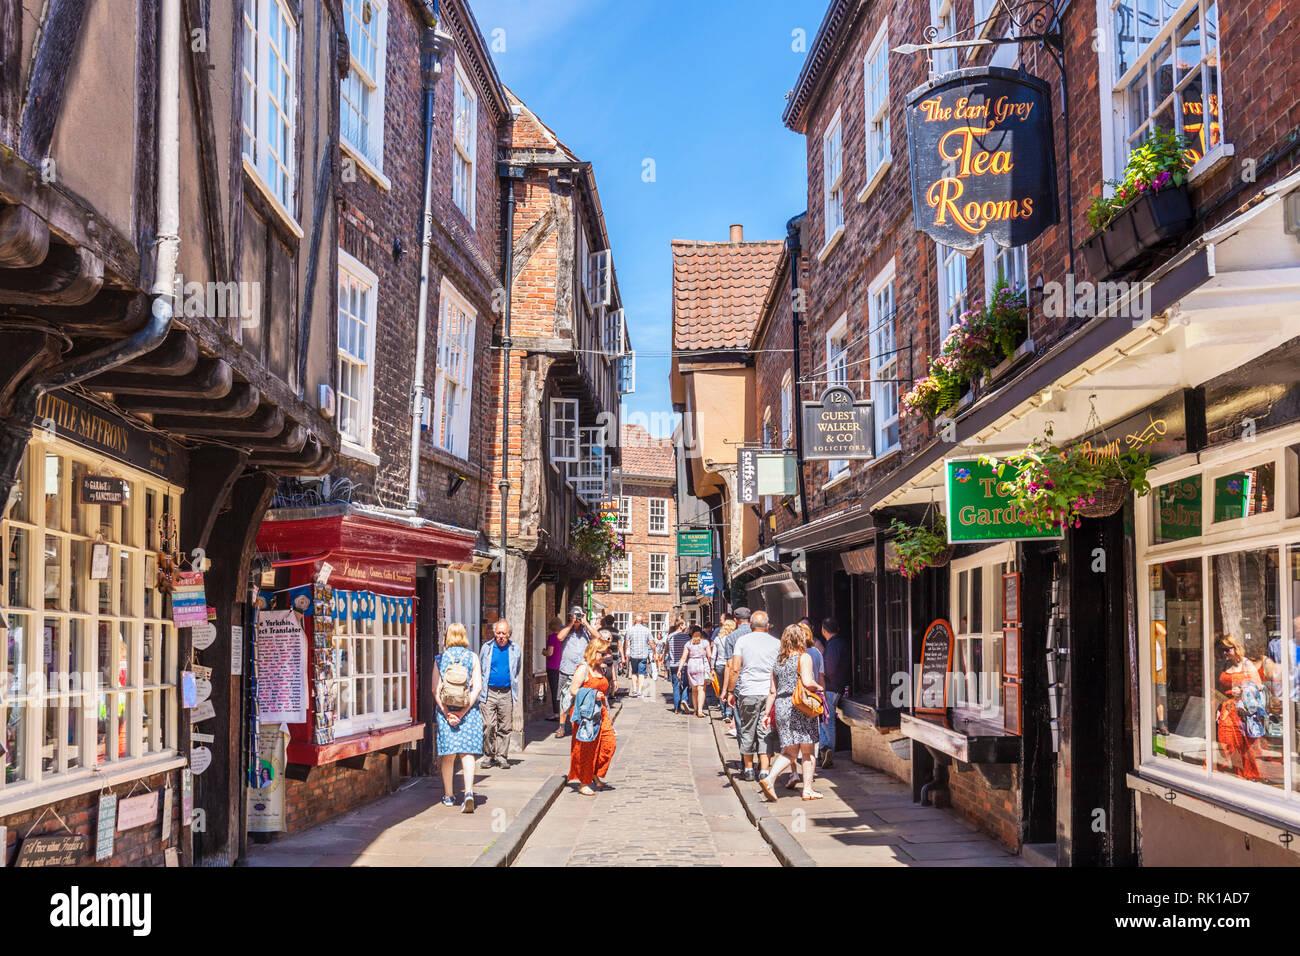 Los turistas caminando por las ruinas de la callejuela de entramado de madera antiguos edificios medievales de York, Yorkshire, Inglaterra, GB Europa Imagen De Stock